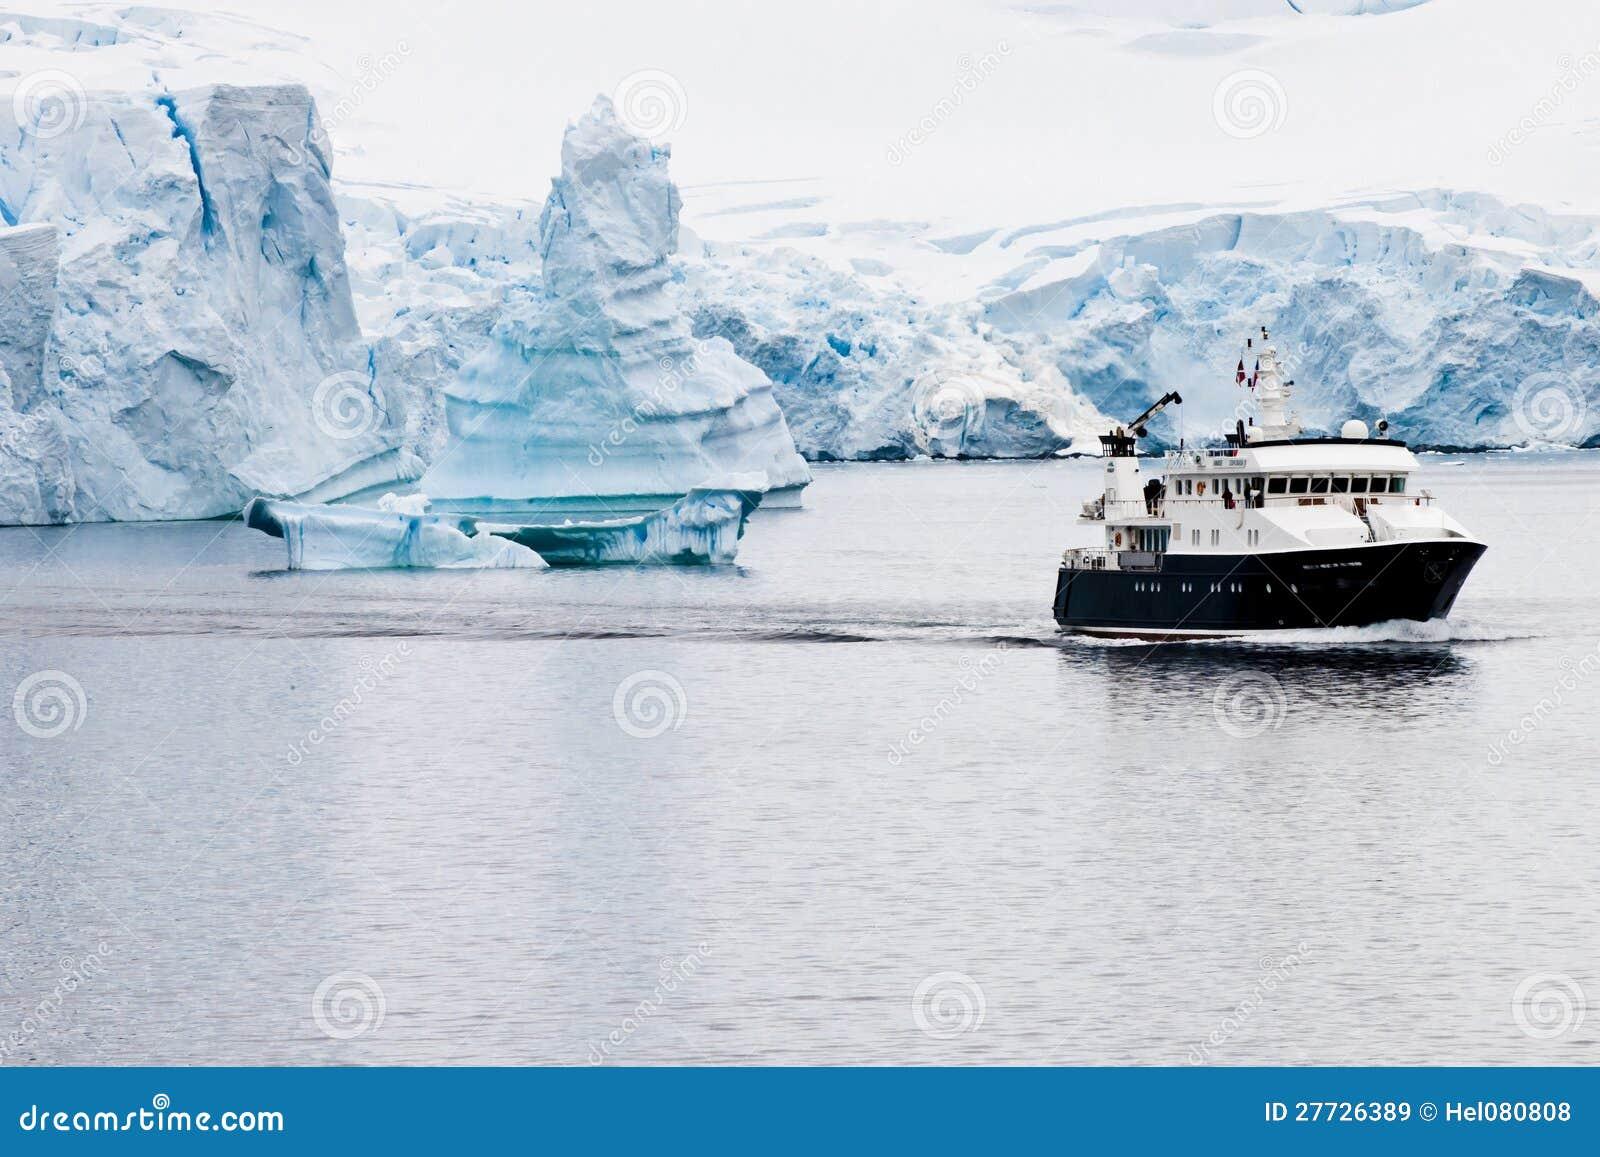 Schöne antarktische Eisberge mit Forschungslieferung